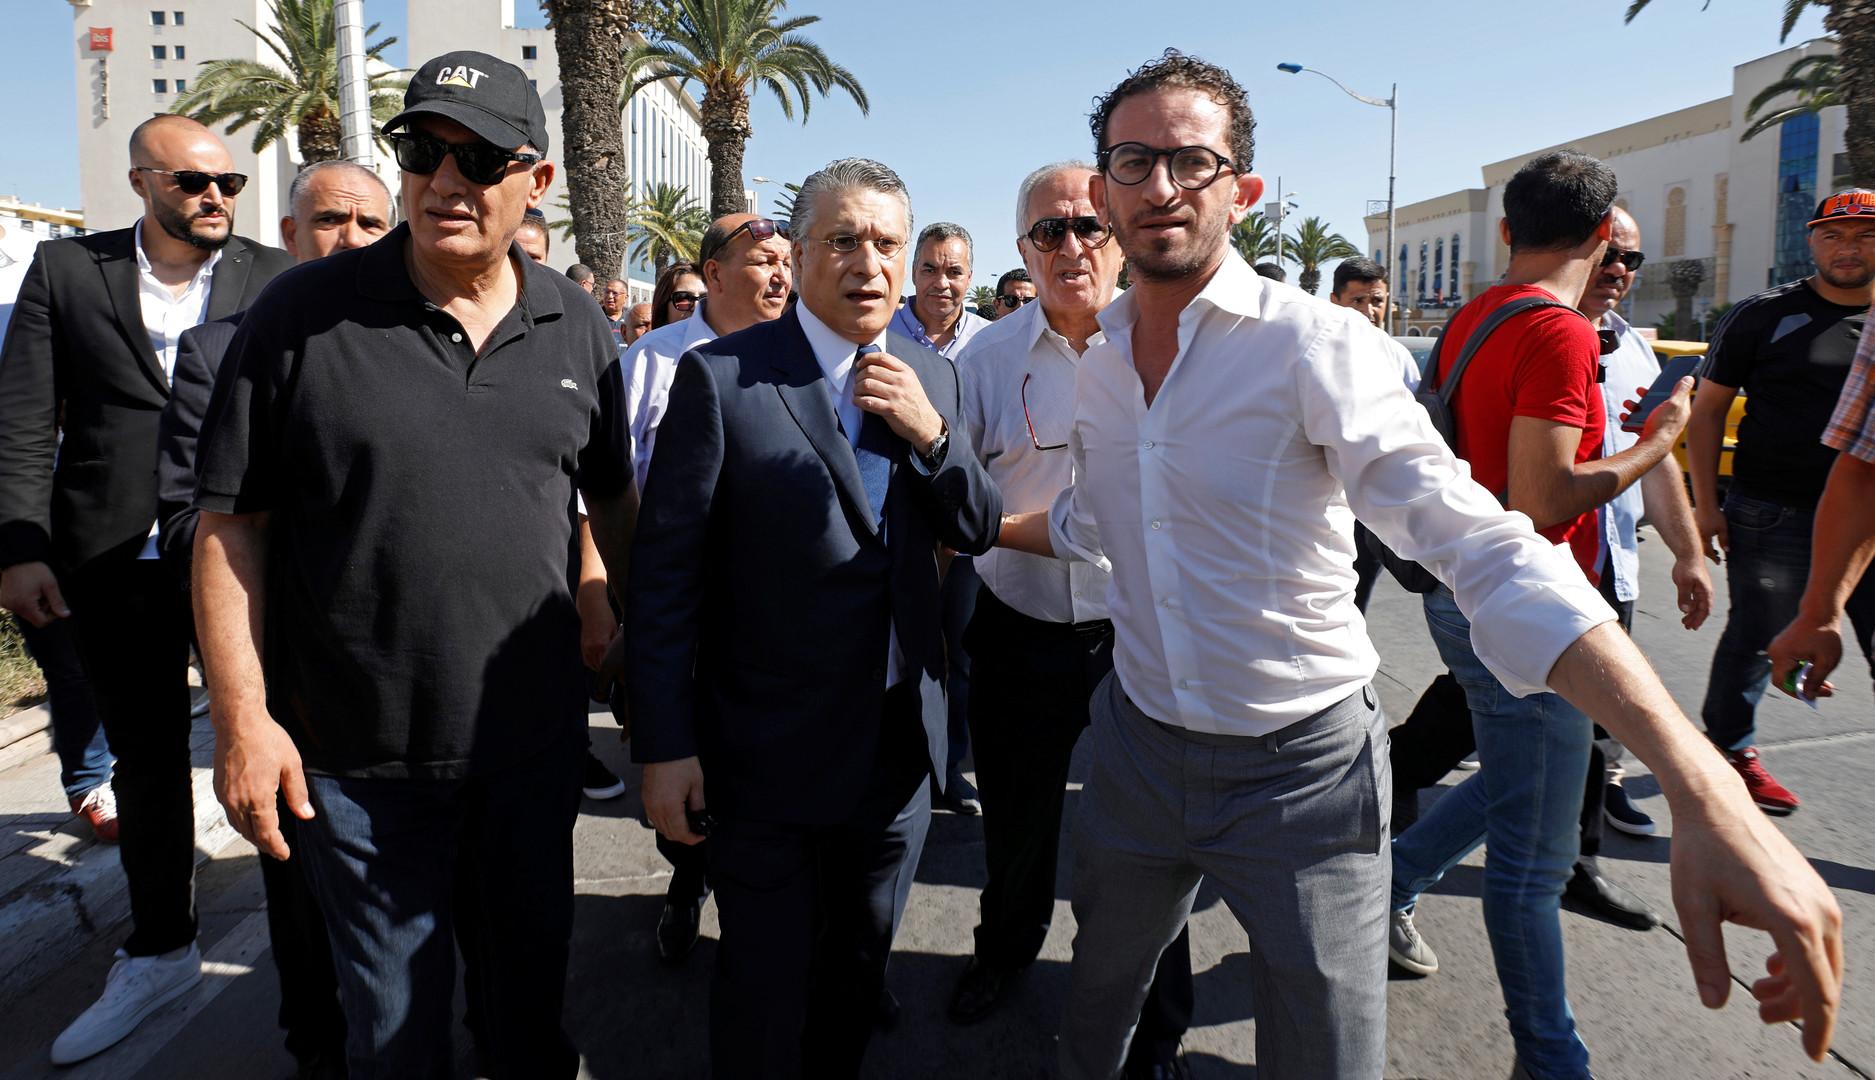 في سابقة.. مرشح تونسي يخوض الانتخابات الرئاسية من السجن!